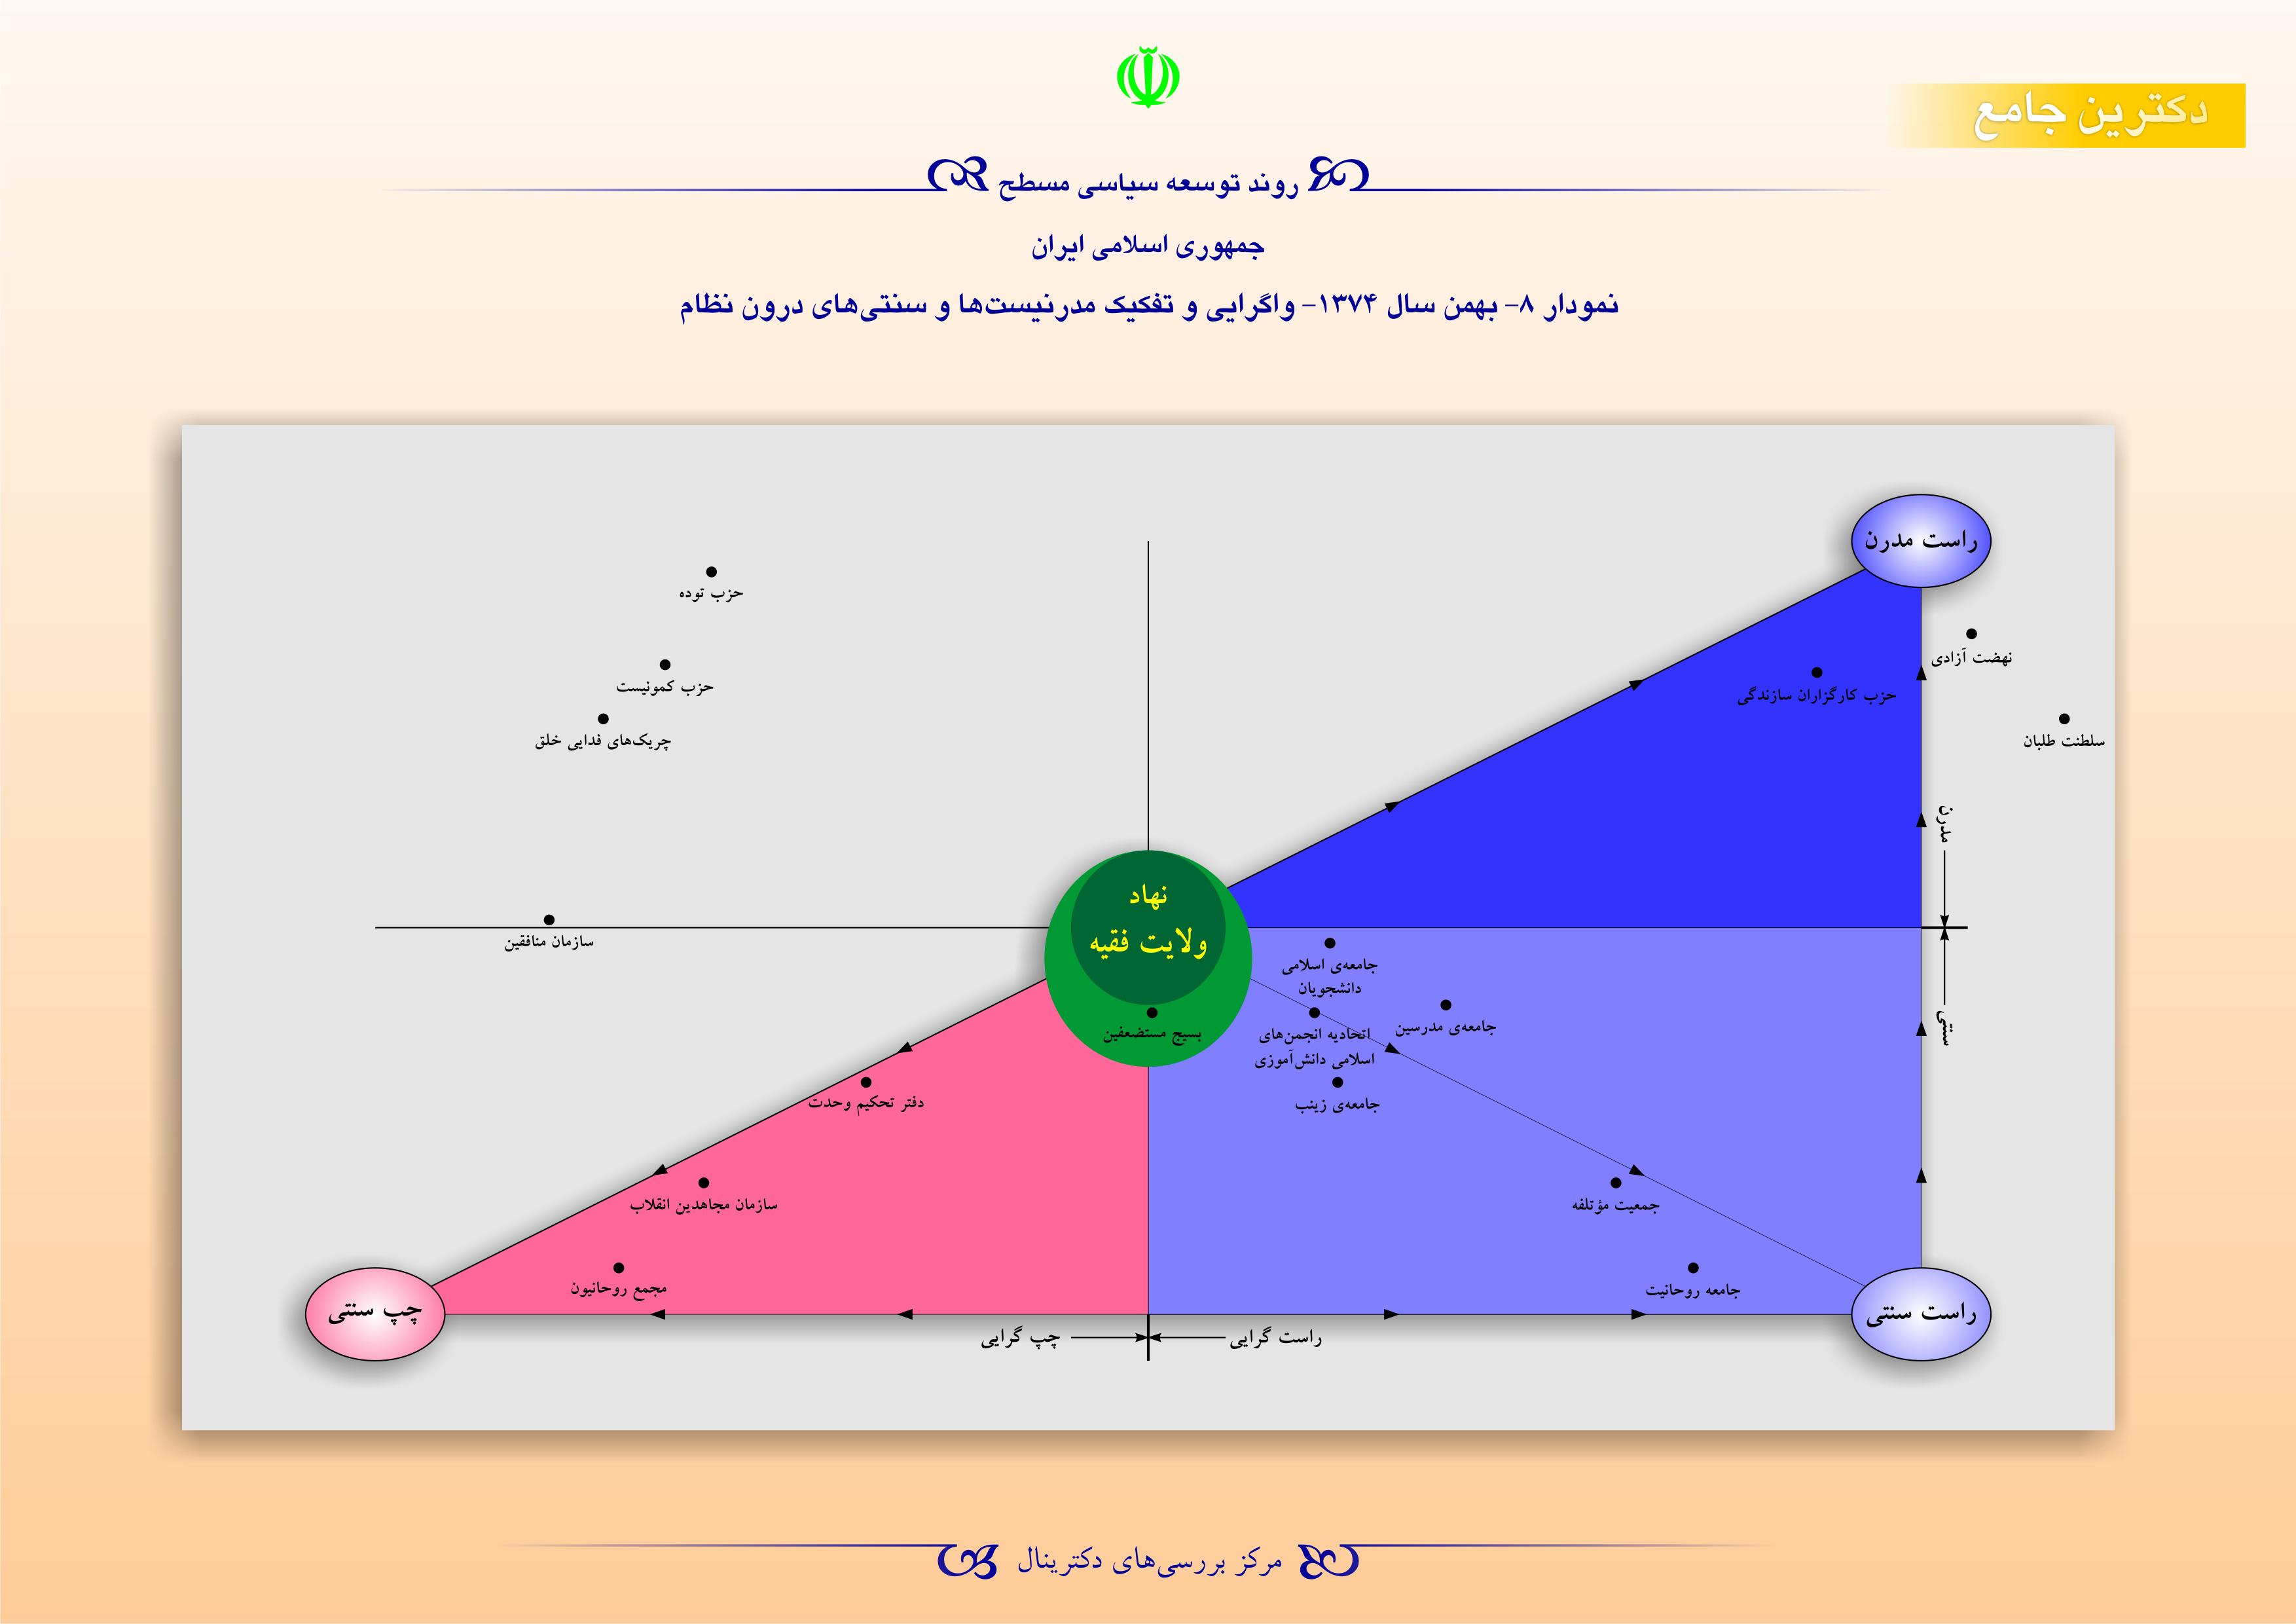 روند توسعه سیاسی مسطح جمهوری اسلامی ایران - بهمن سال 1374